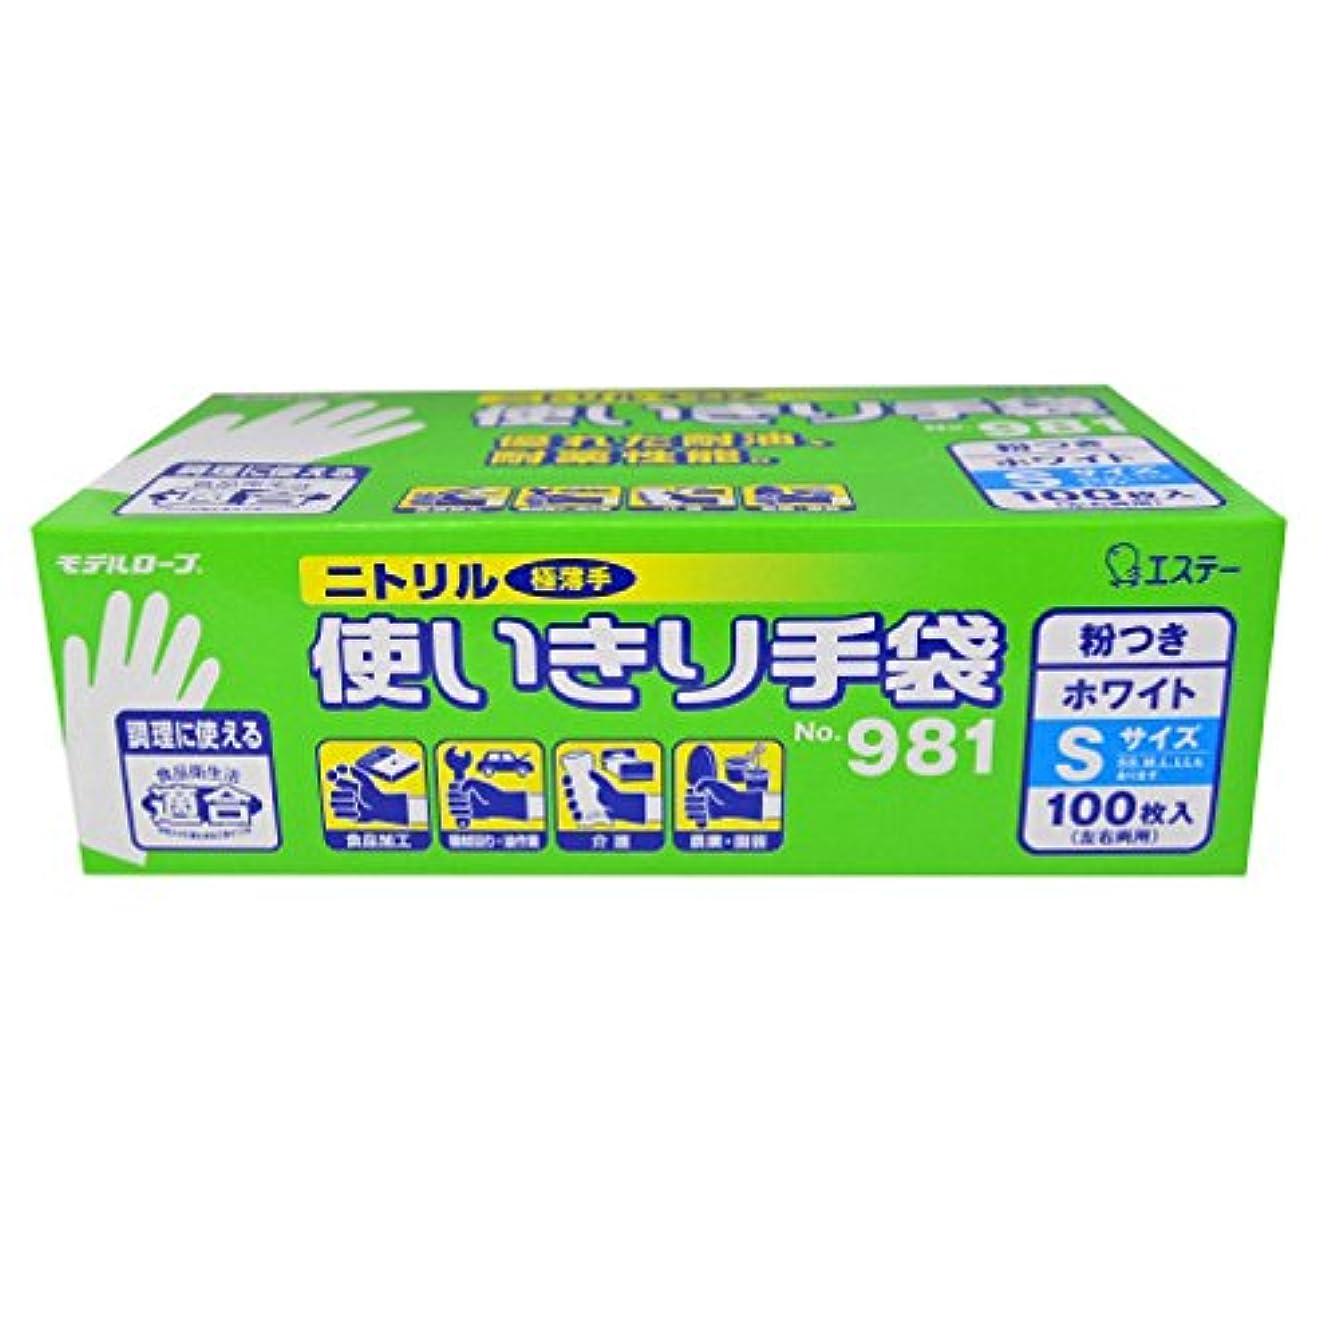 姉妹マッシュ激怒エステー 二トリル手袋 粉付(100枚入)S ブルー No.981